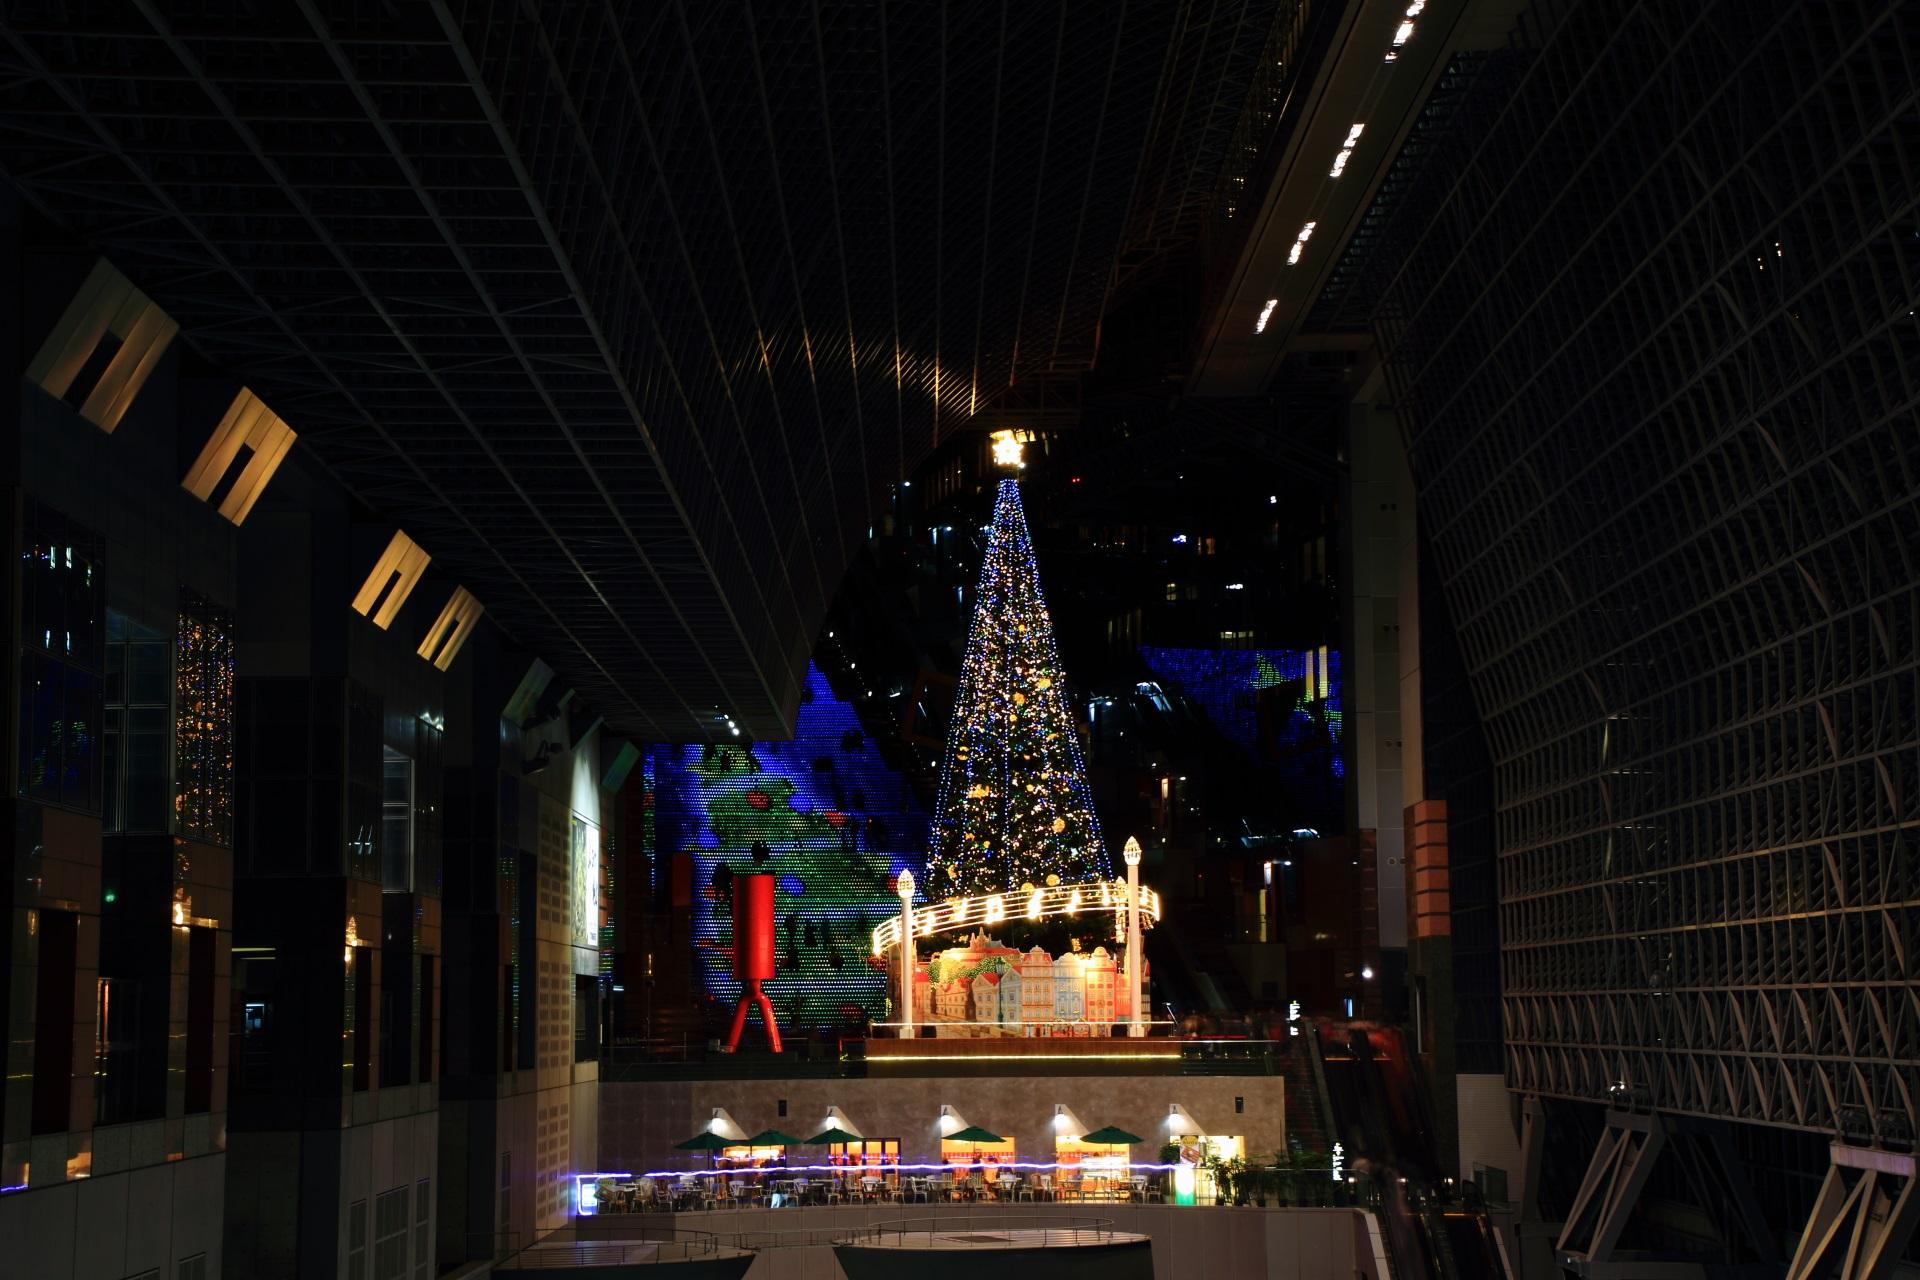 駅ビルの大階段とクリスマスツリー